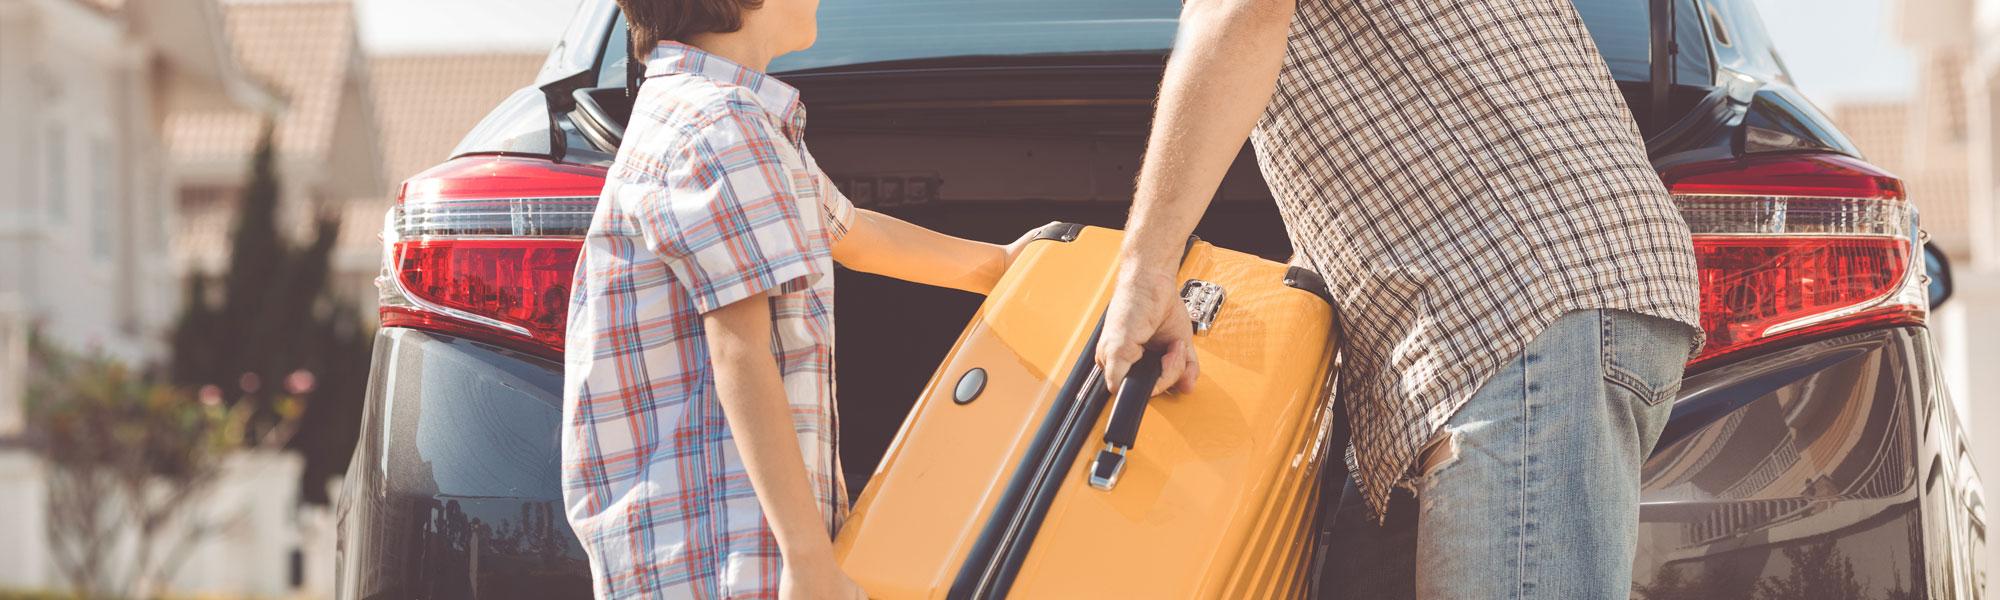 Autoreise - Reisekombi